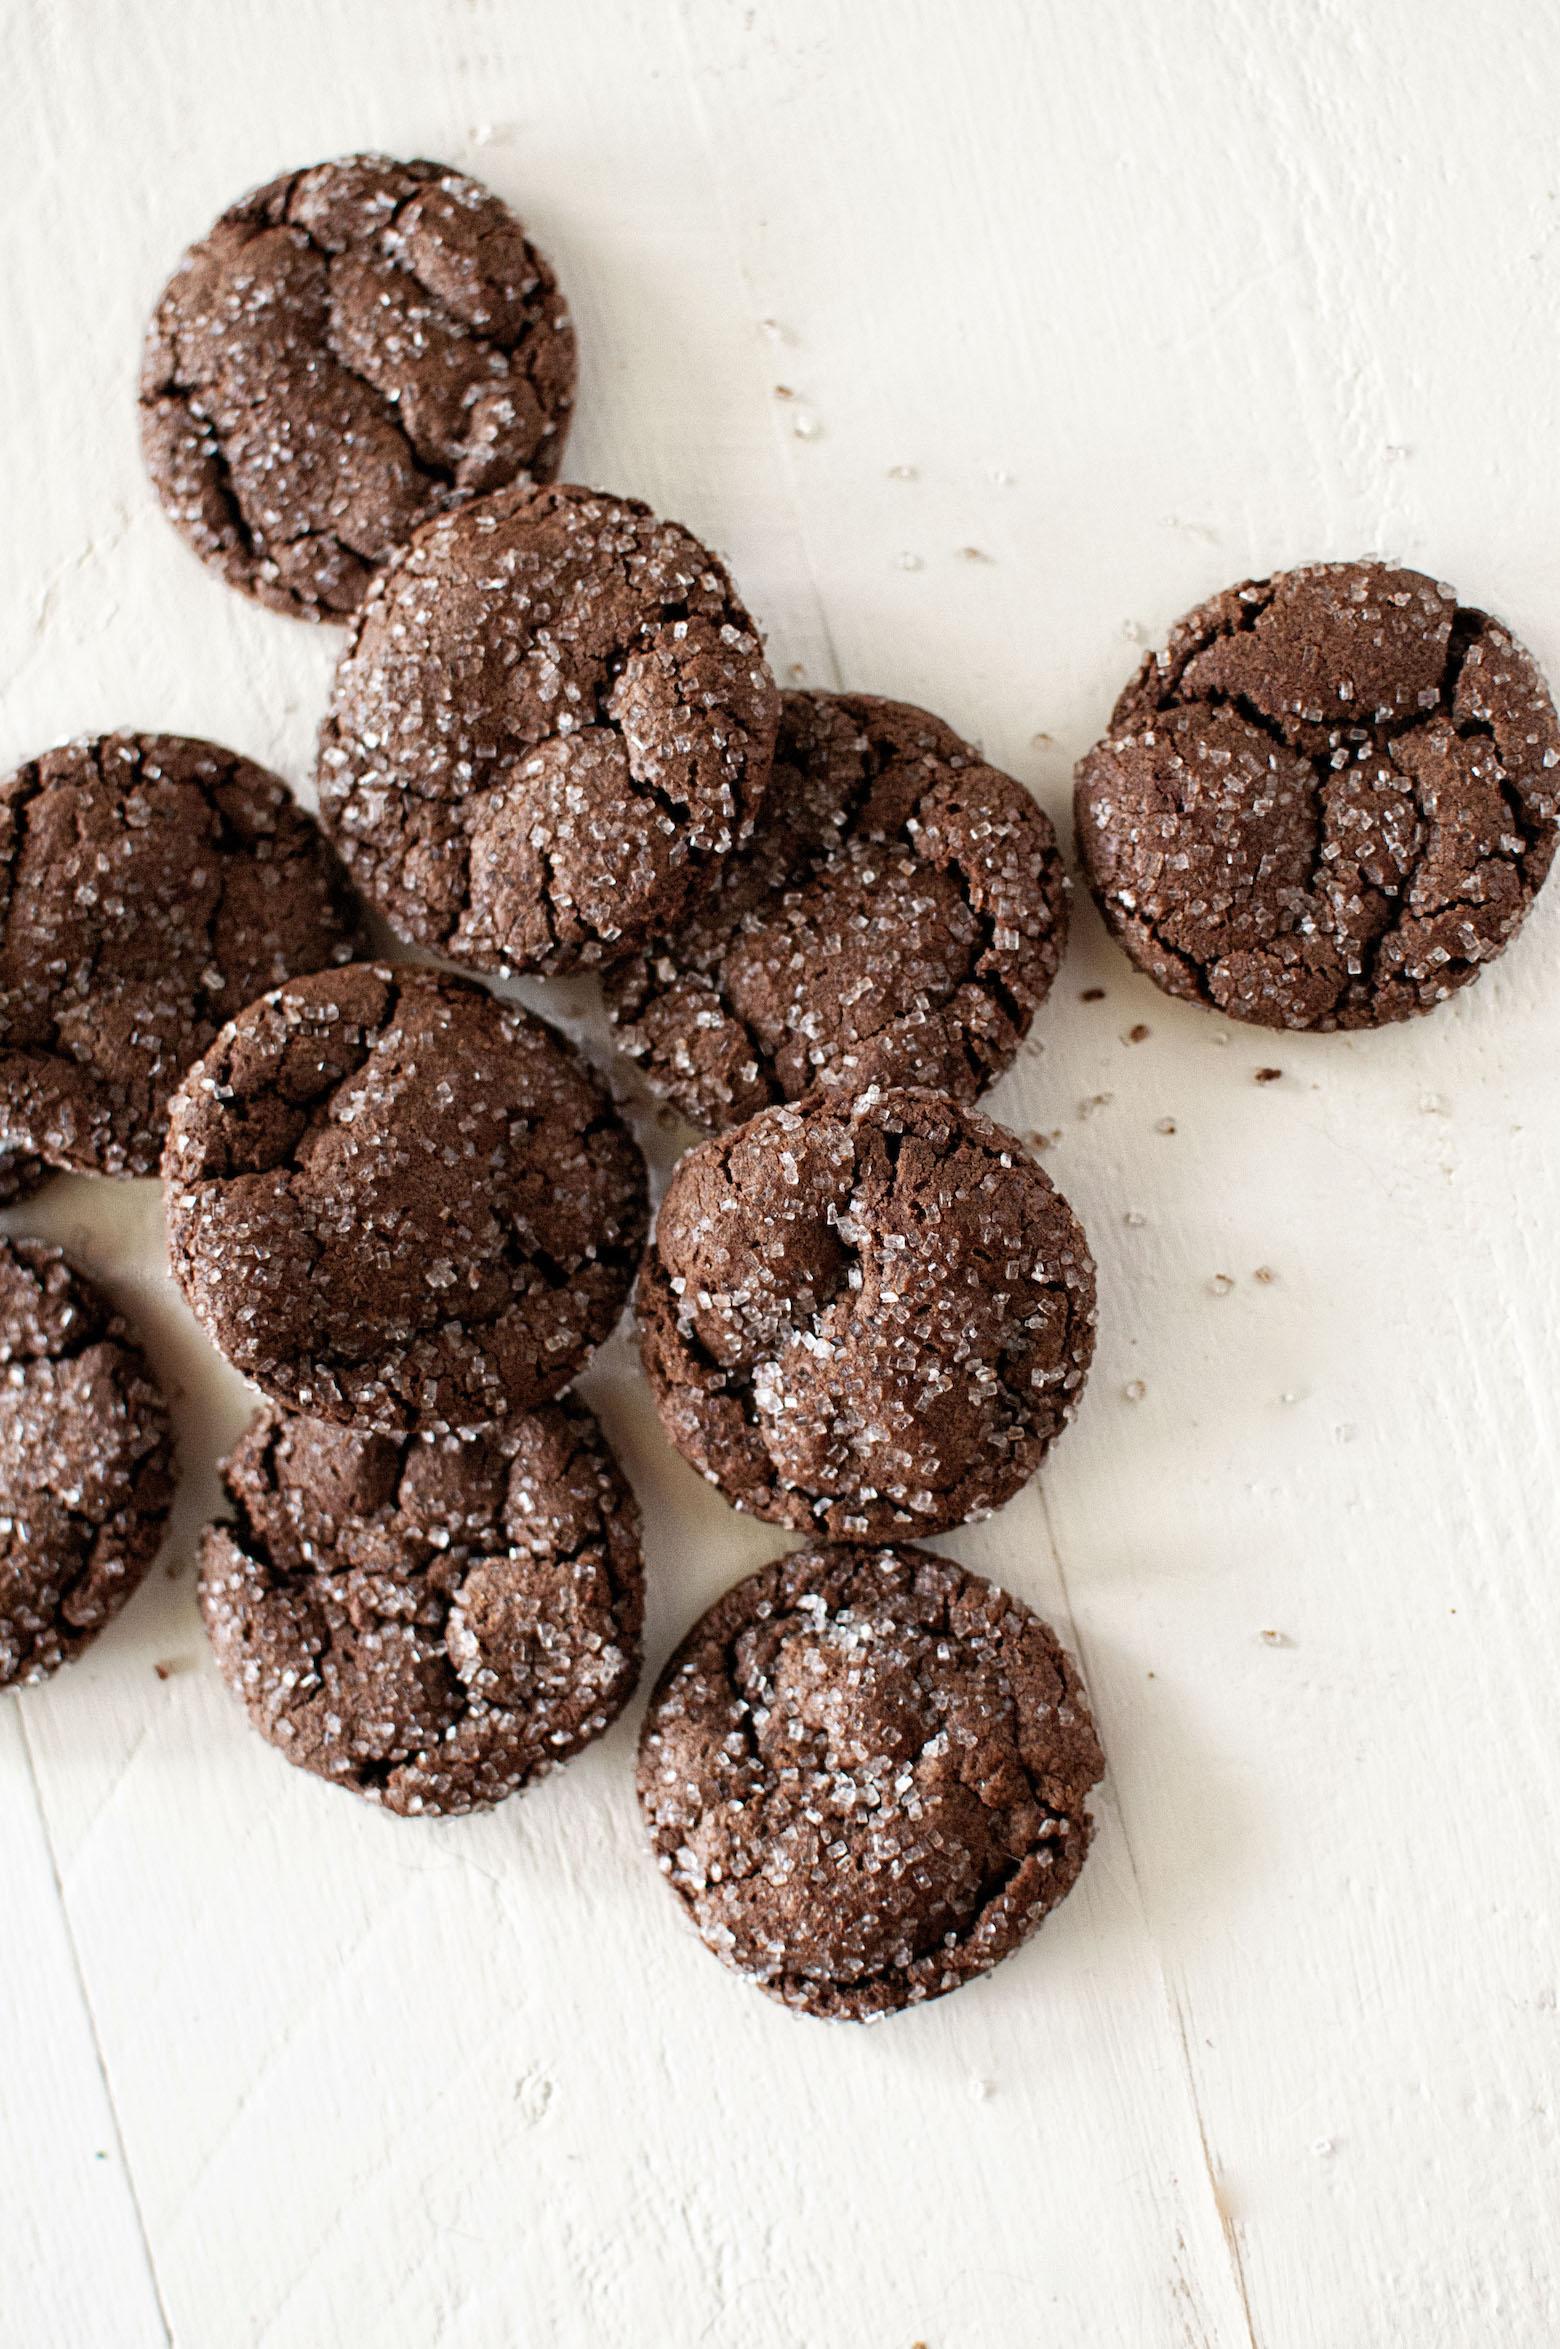 Mocha Chocolate Fudge Snaps